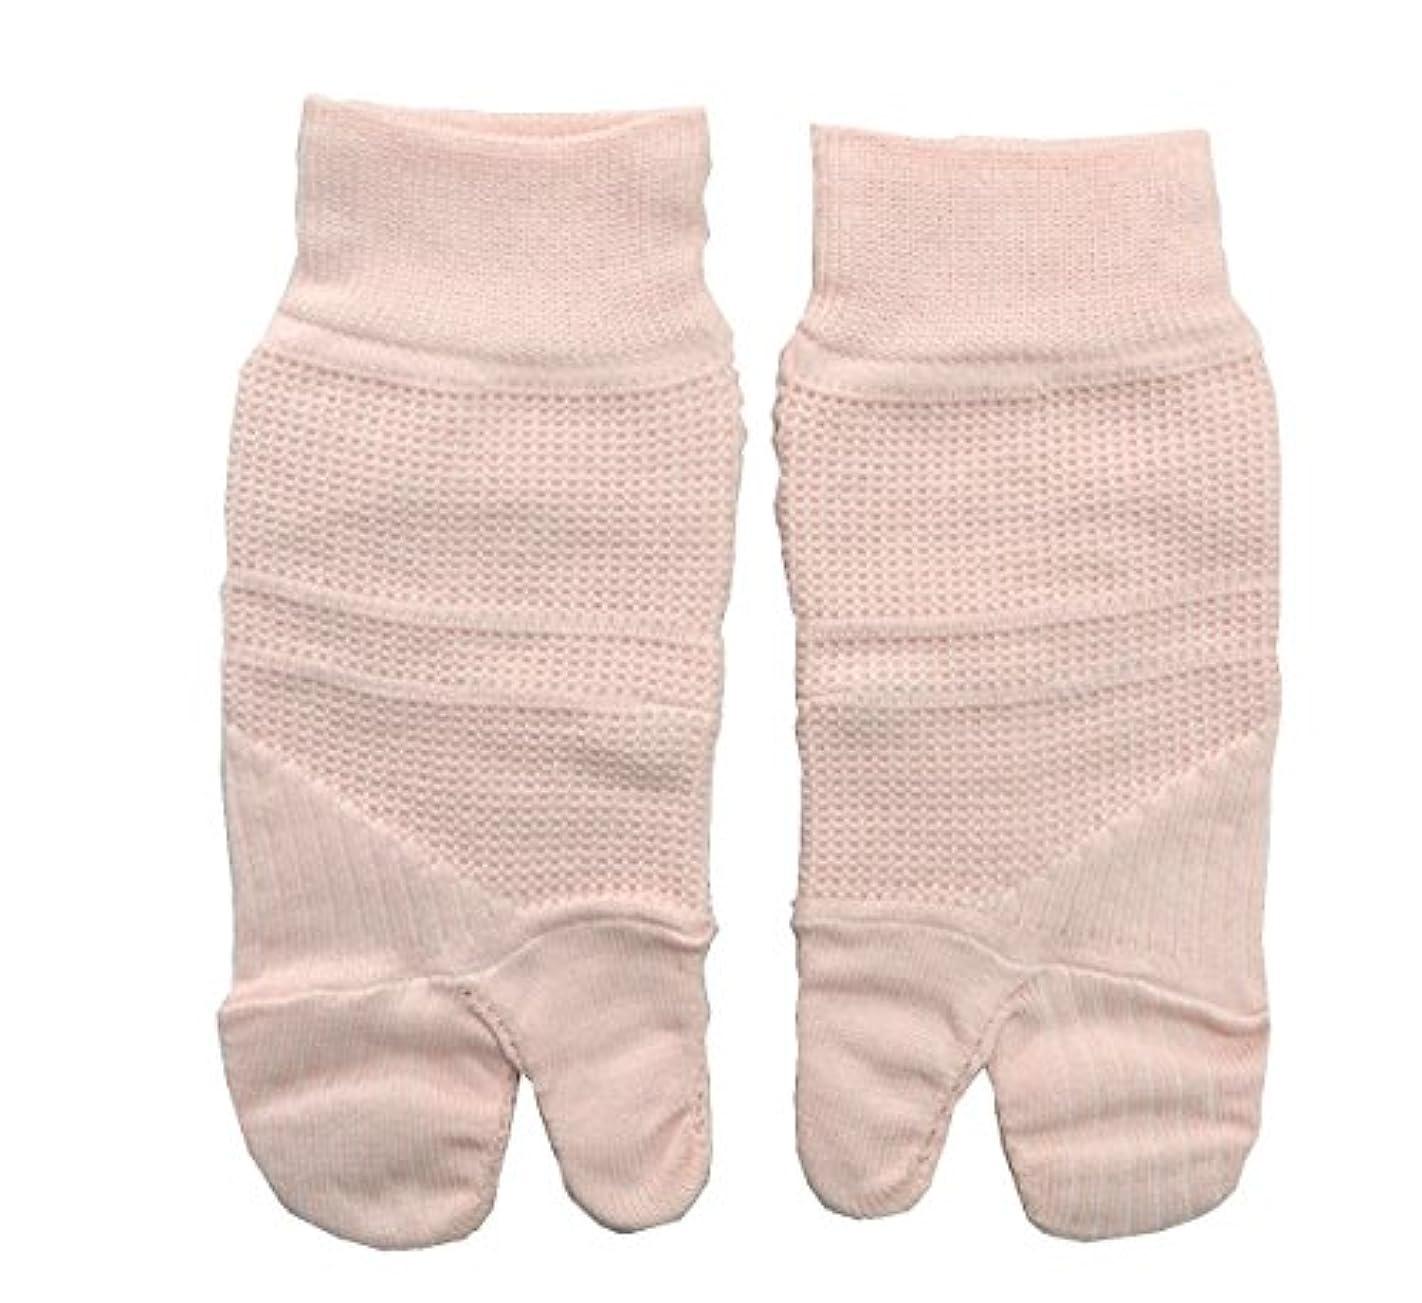 十分です思い出す記憶外反母趾対策靴下(通常タイプ) コーポレーションパールスター?広島大学大学院特許製品